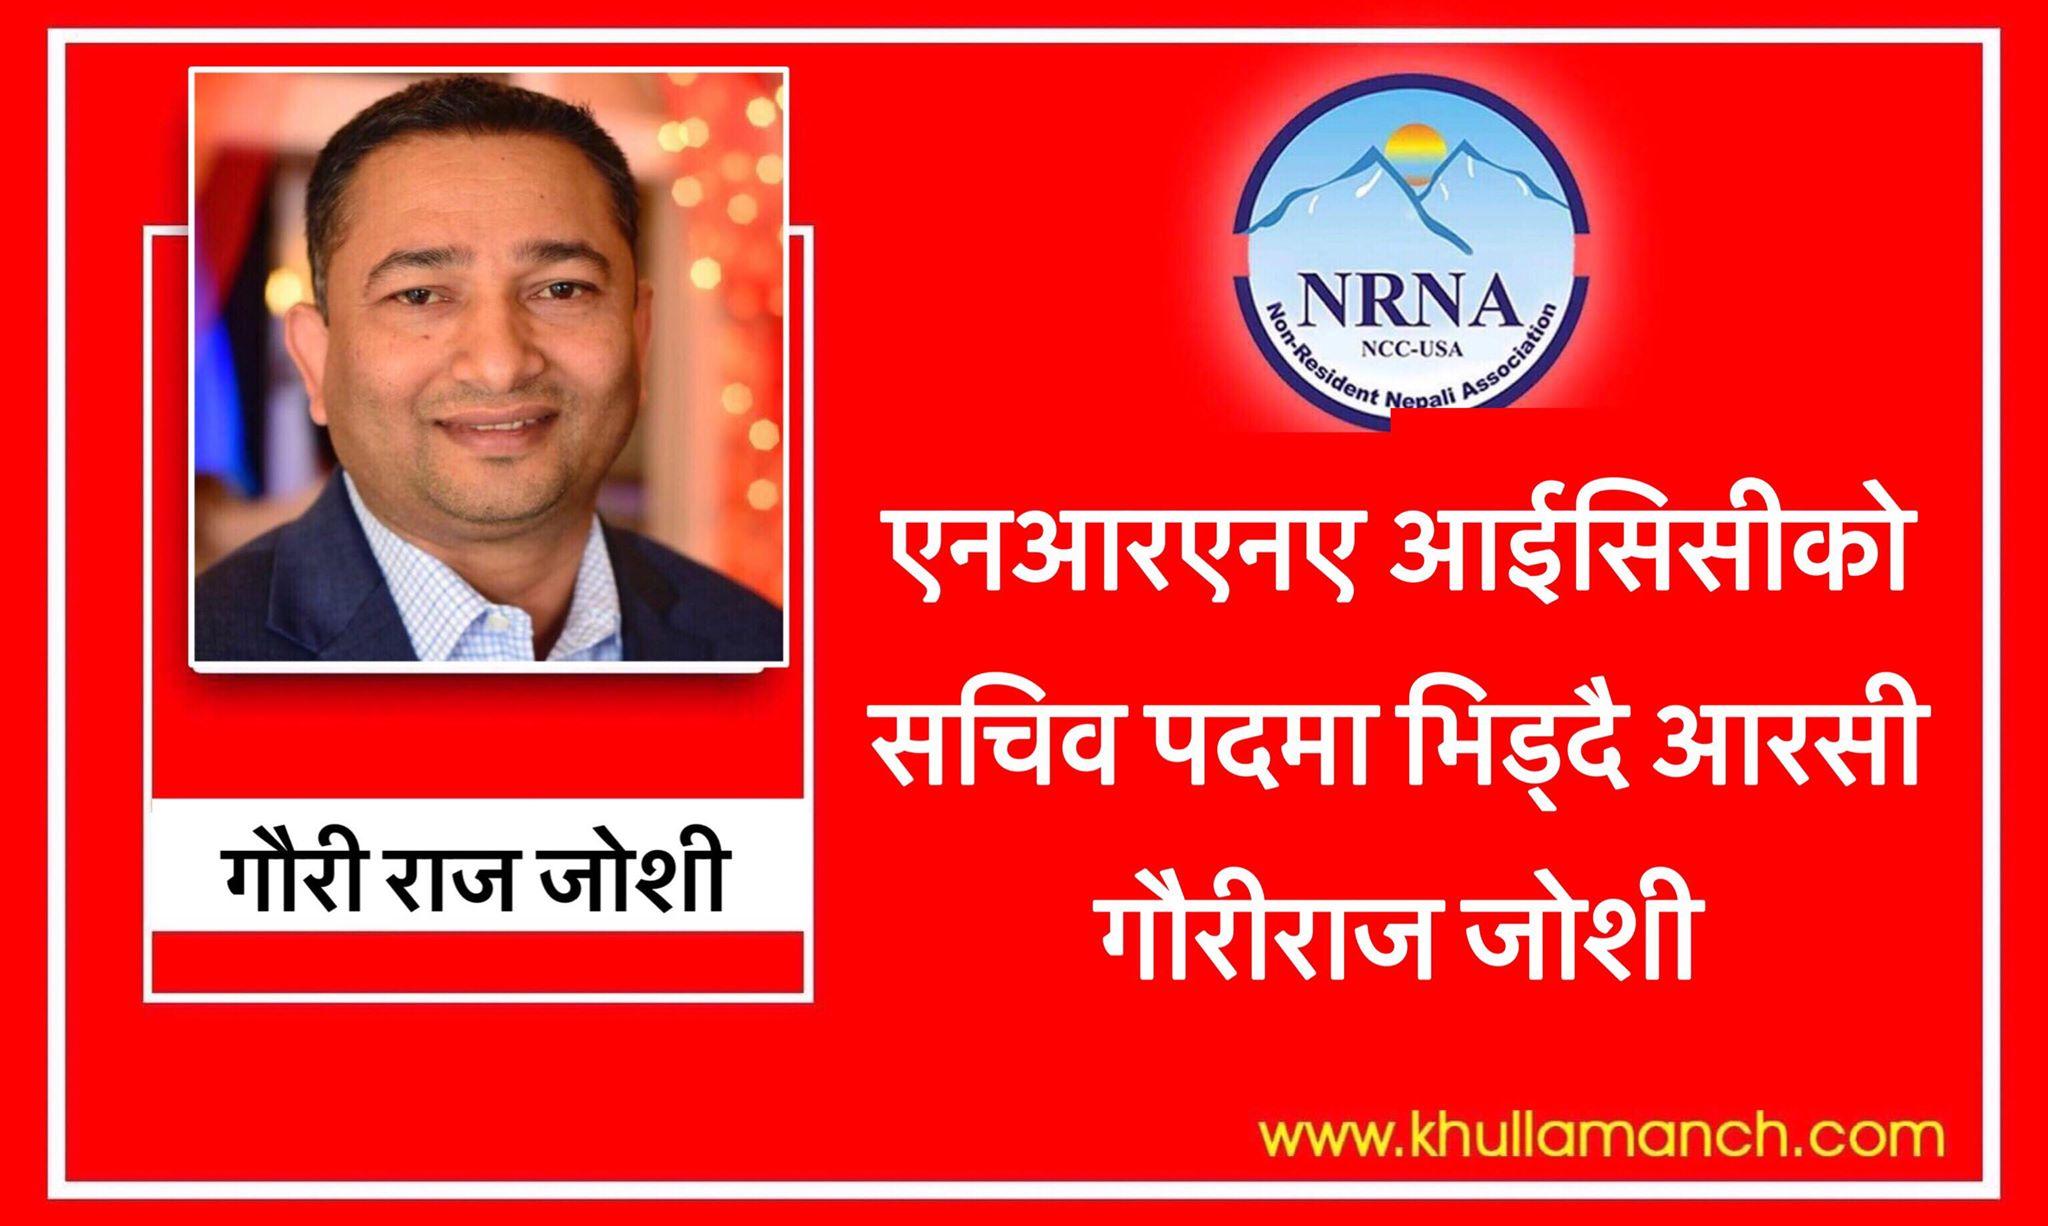 एनआरएनए आईसिसीको सचिव पदमा भिड्दै आरसी गौरीराज जोशी